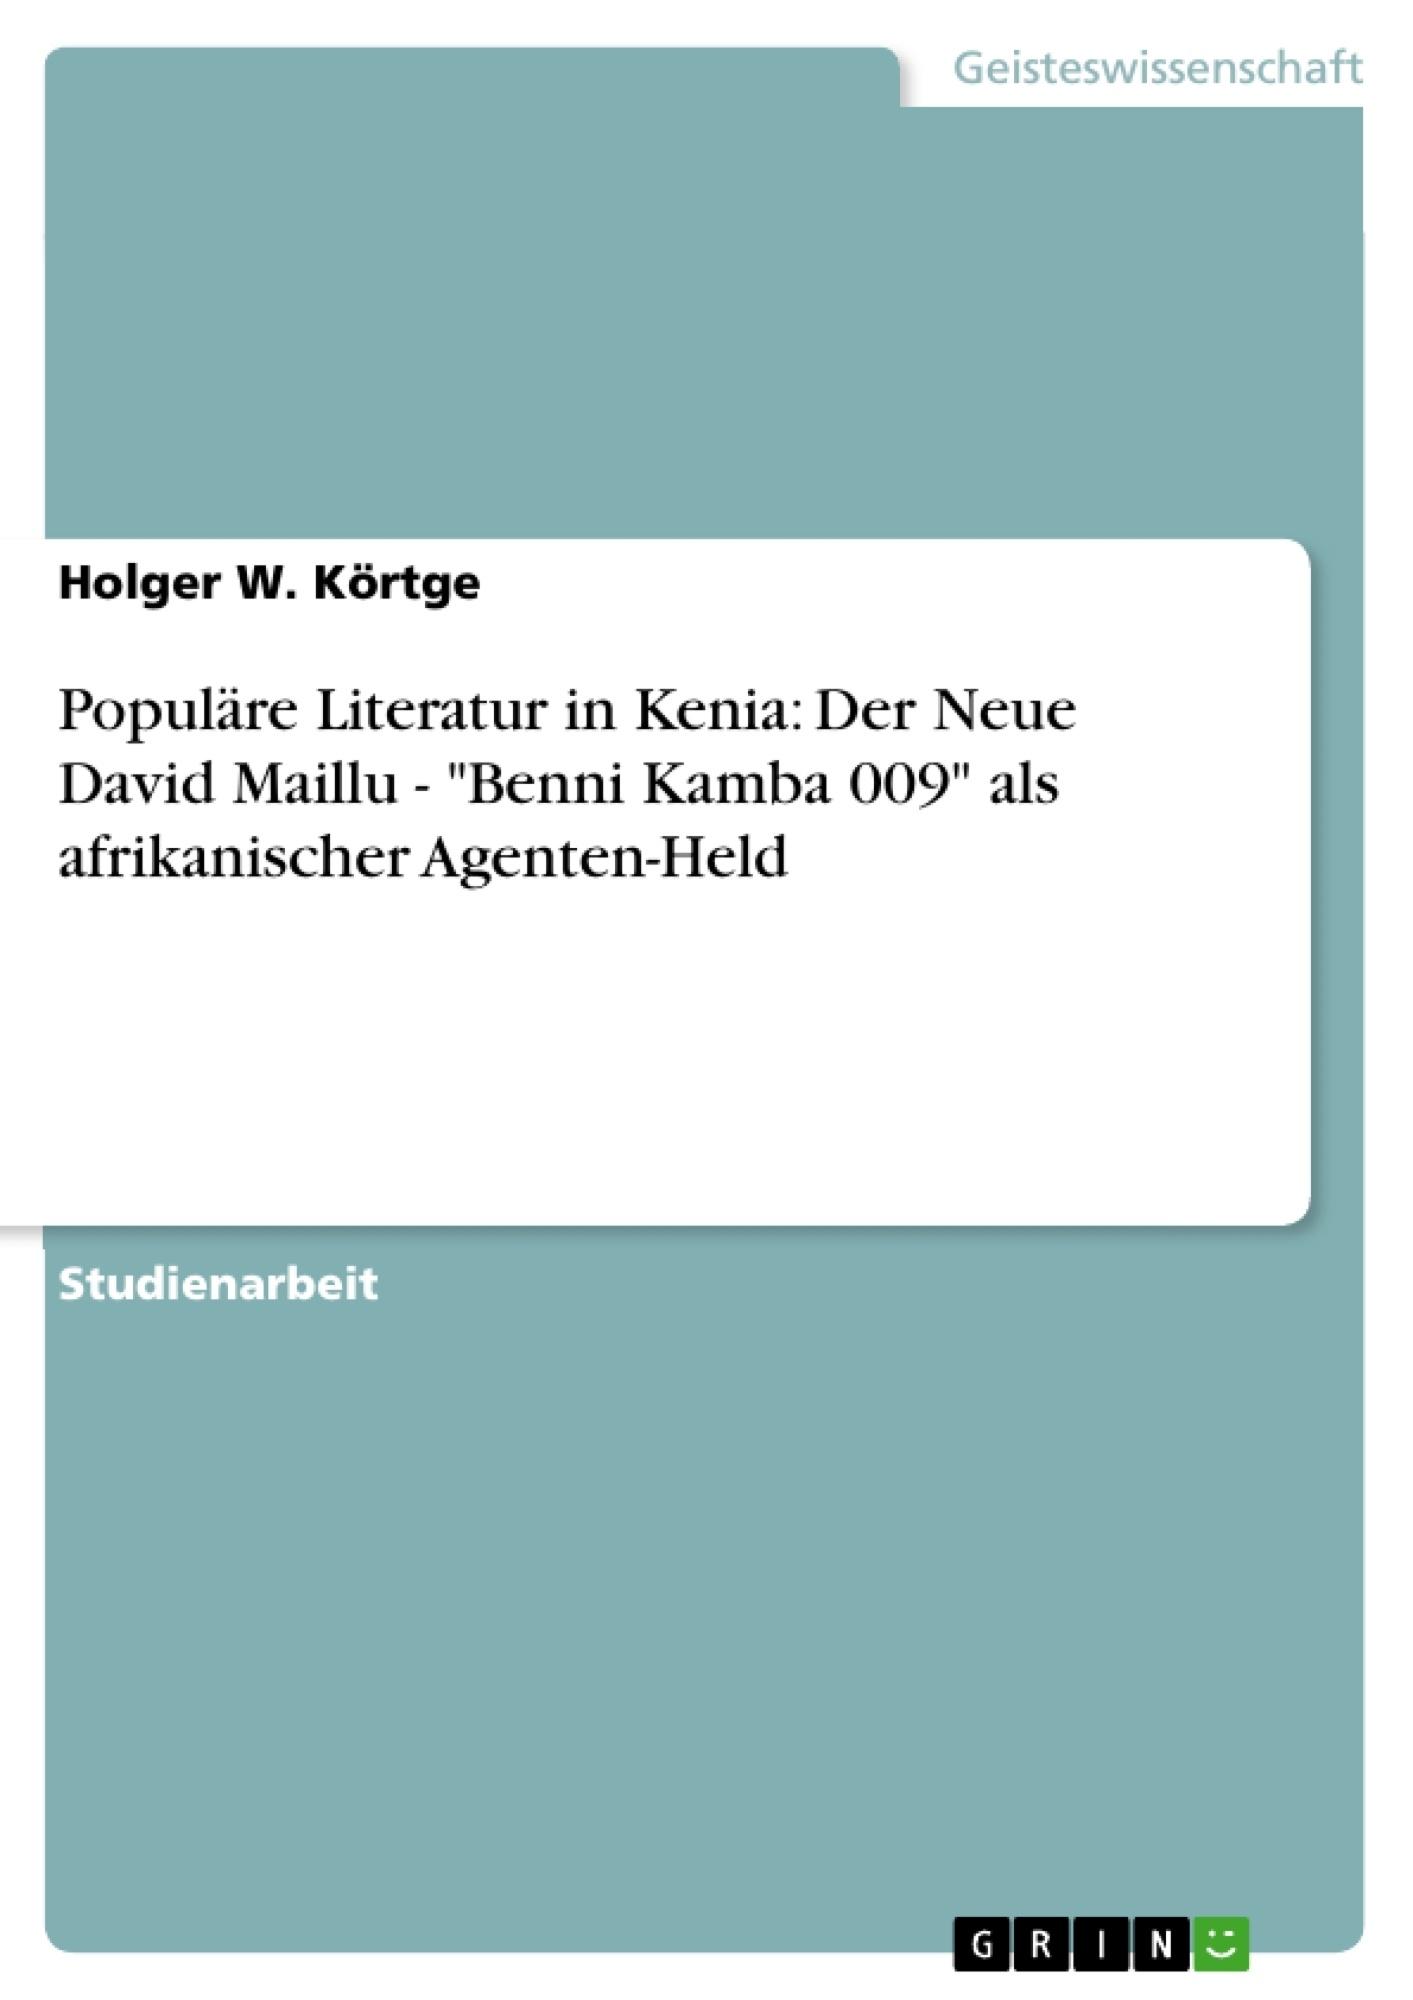 """Titel: Populäre Literatur in Kenia: Der Neue David Maillu - """"Benni Kamba 009"""" als afrikanischer Agenten-Held"""